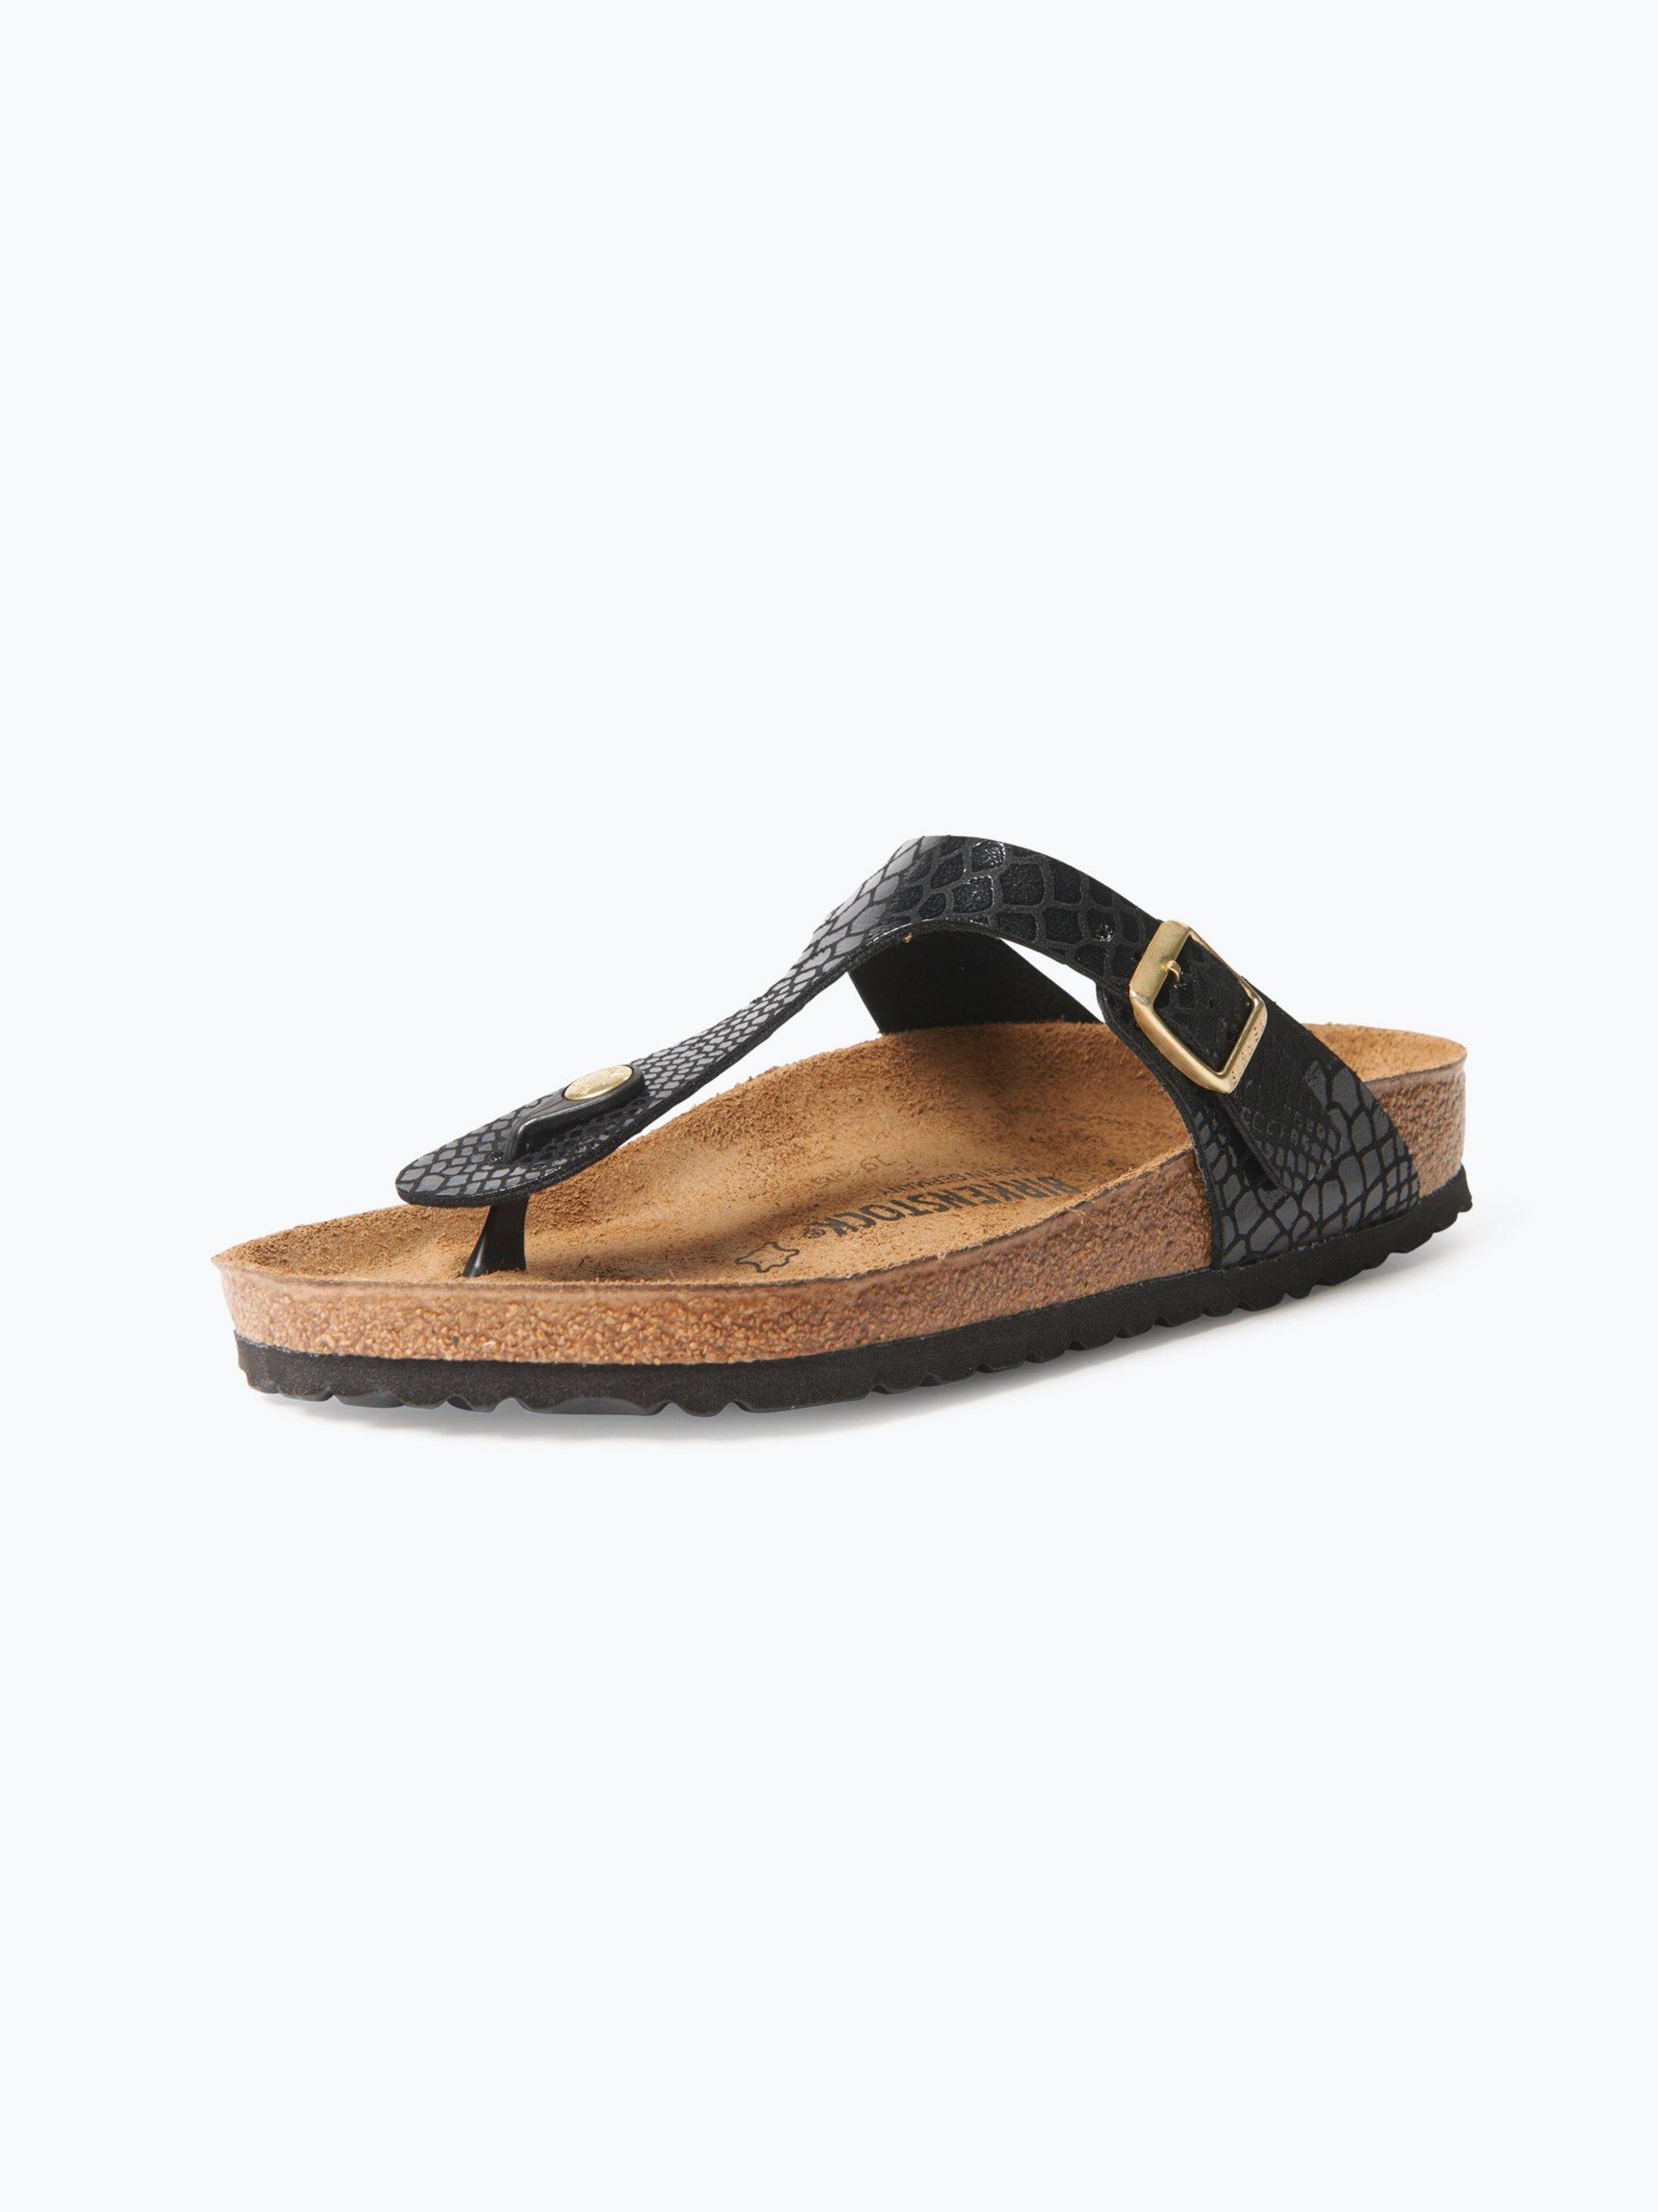 birkenstock damen sandalen mit leder anteil 2 online kaufen peek und cloppenburg de. Black Bedroom Furniture Sets. Home Design Ideas